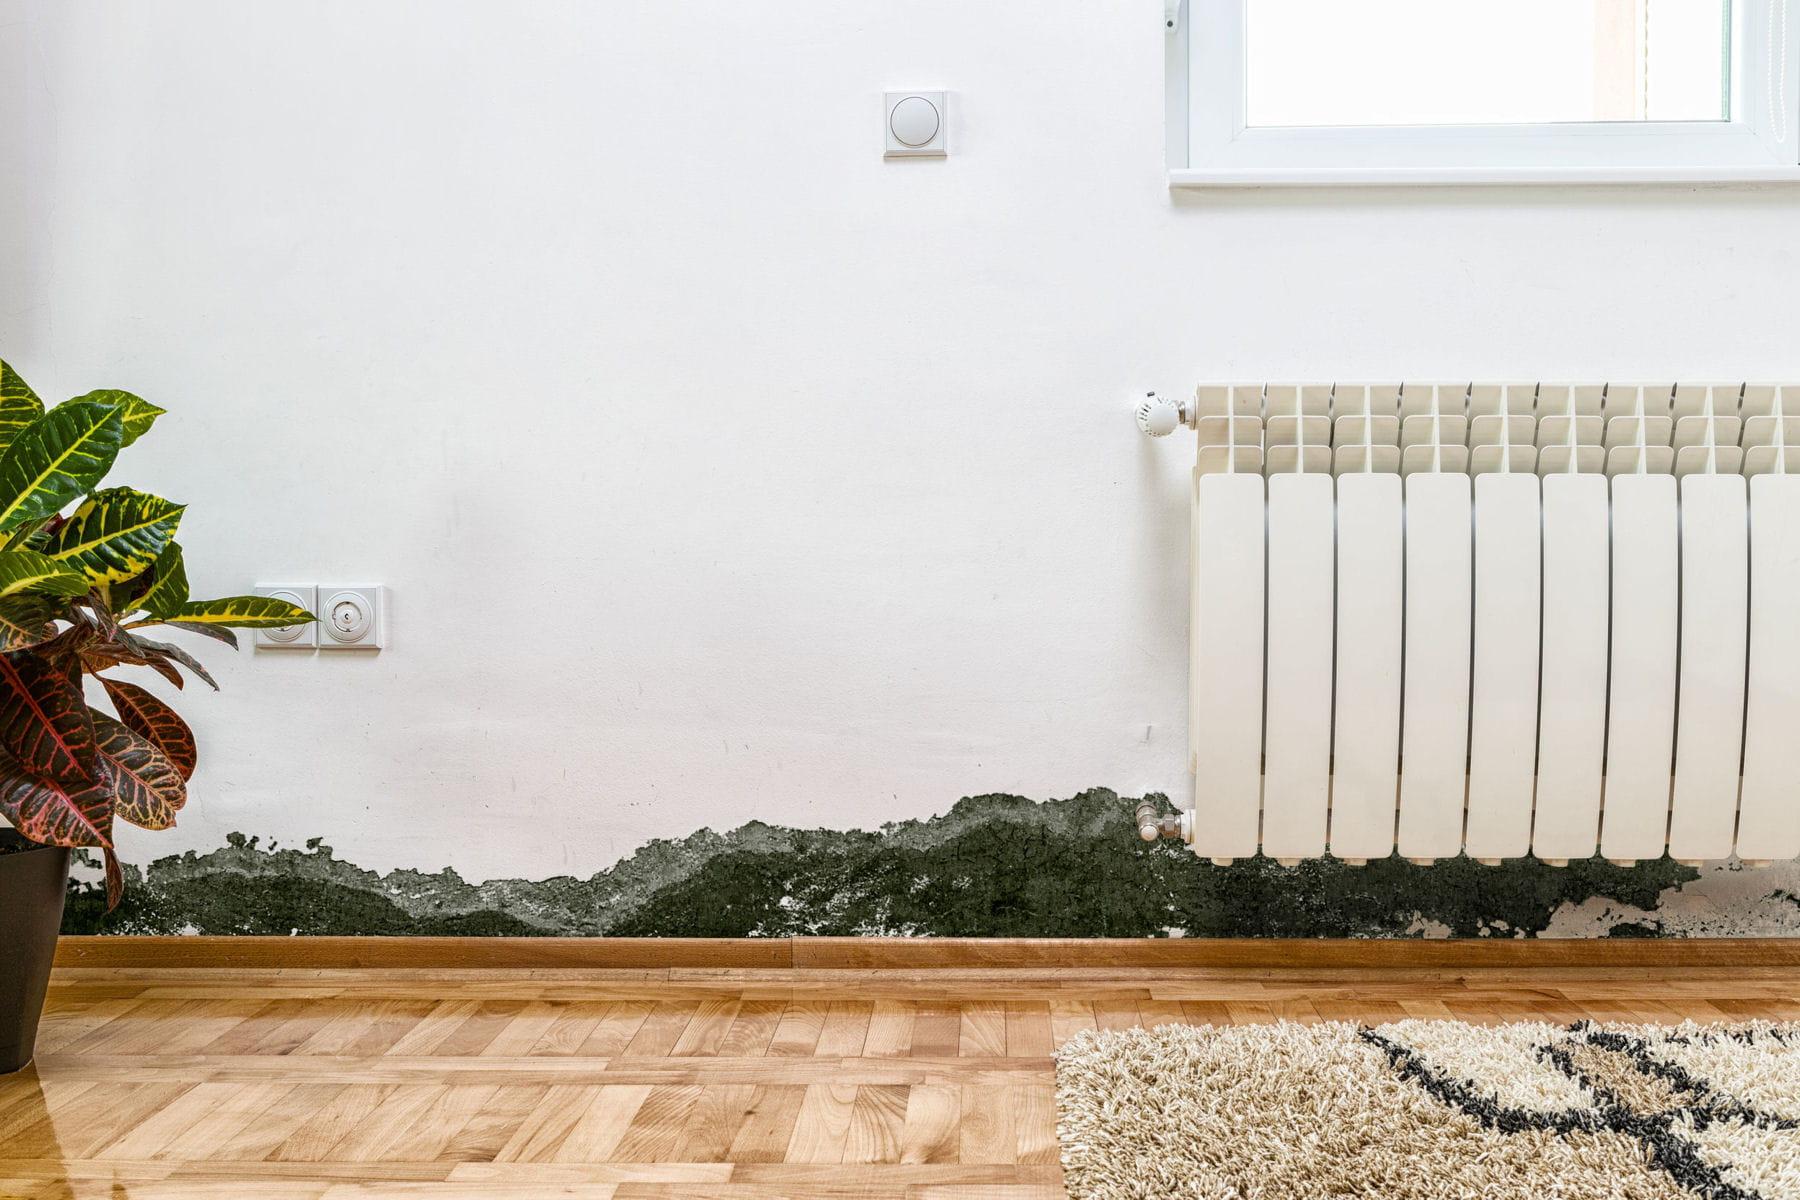 Comment traiter les probl mes d 39 humidit linternaute - Probleme d humidite appartement ...